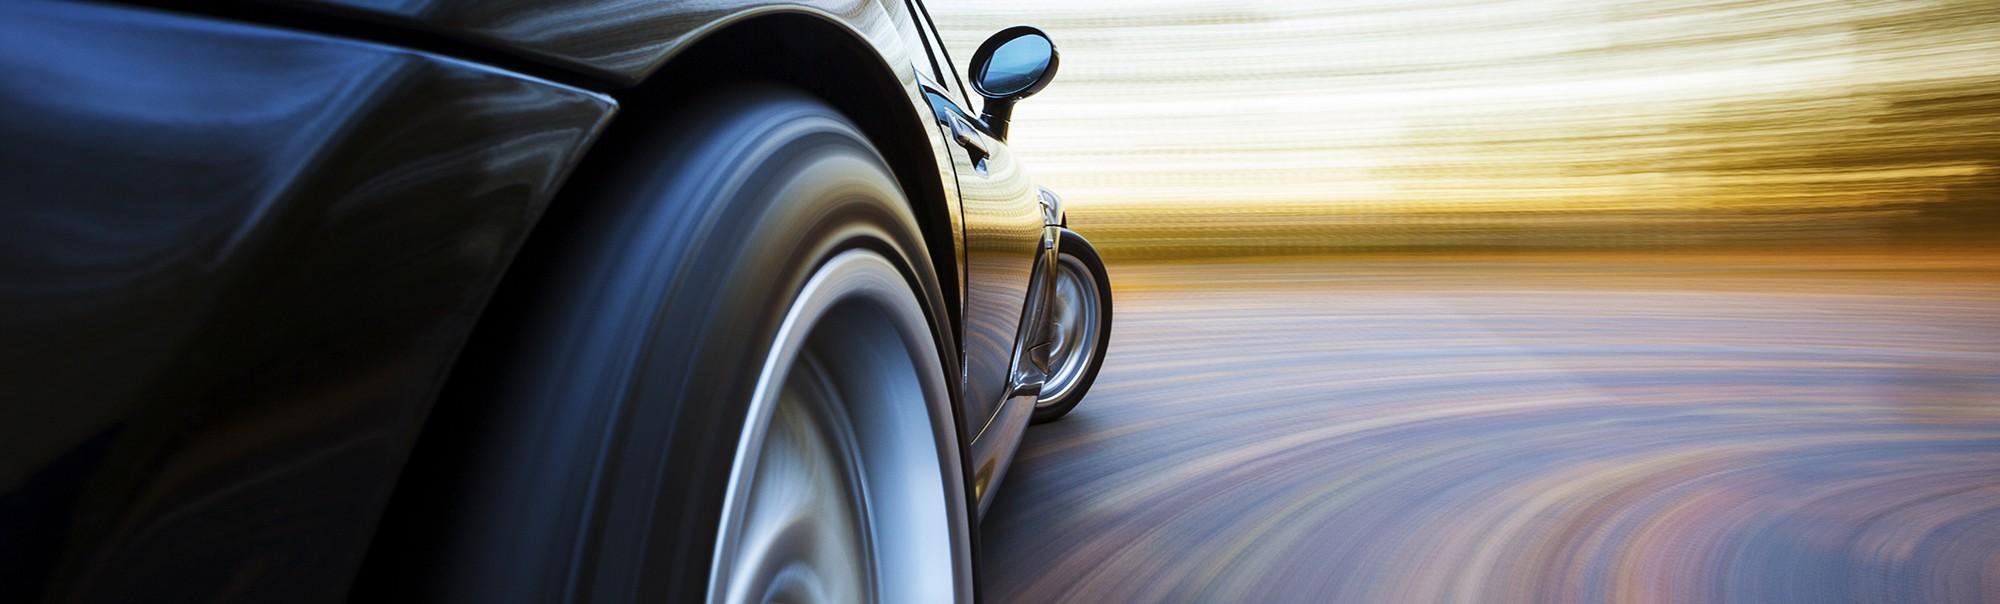 Leddar sensing for smart vehicles